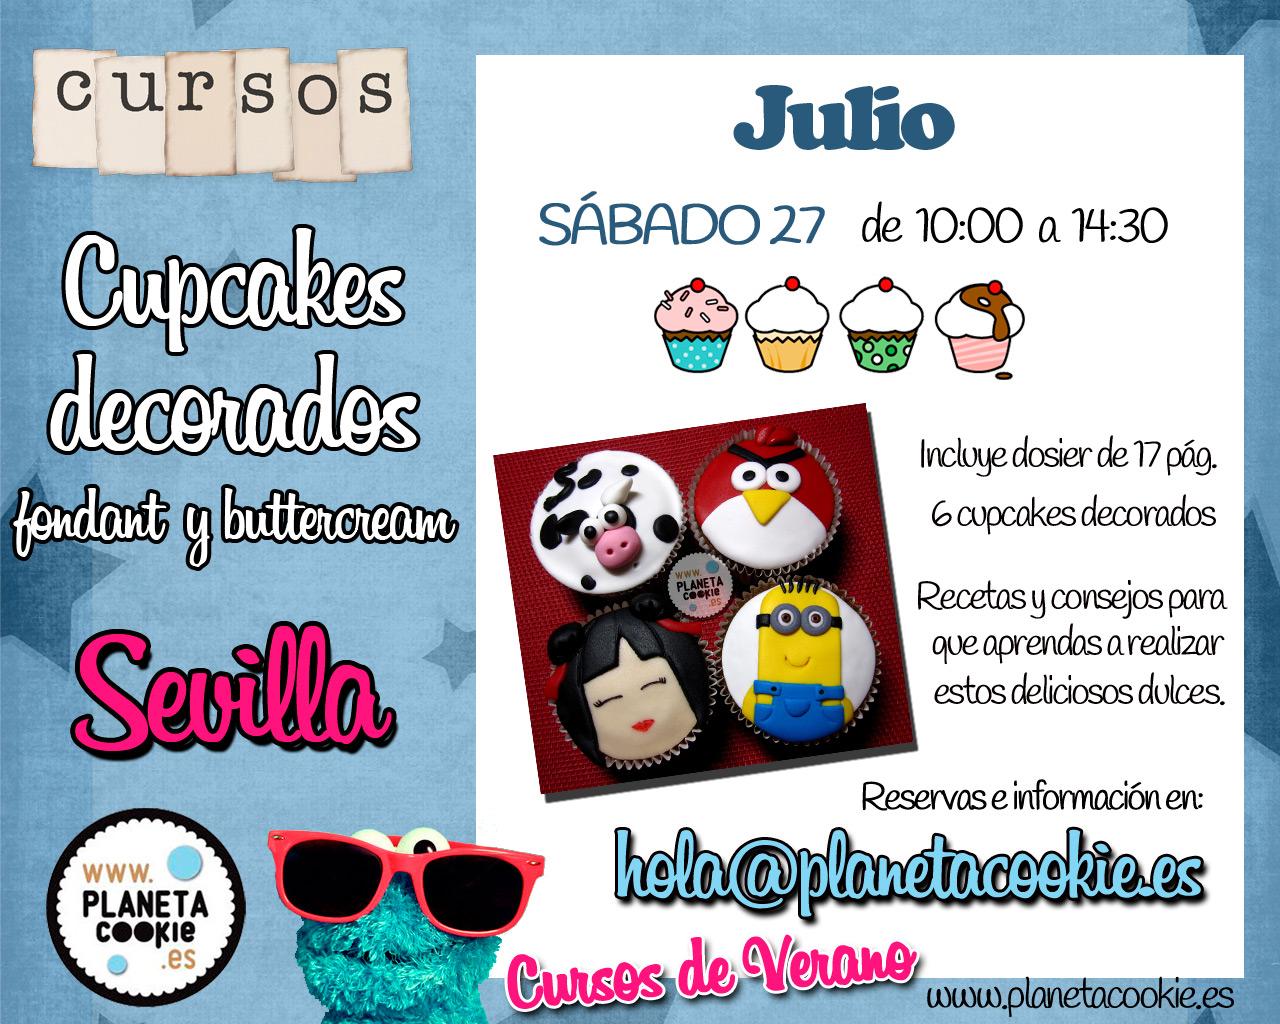 Cursos de Cupcakes decorados en Sevilla | Planeta Cookie